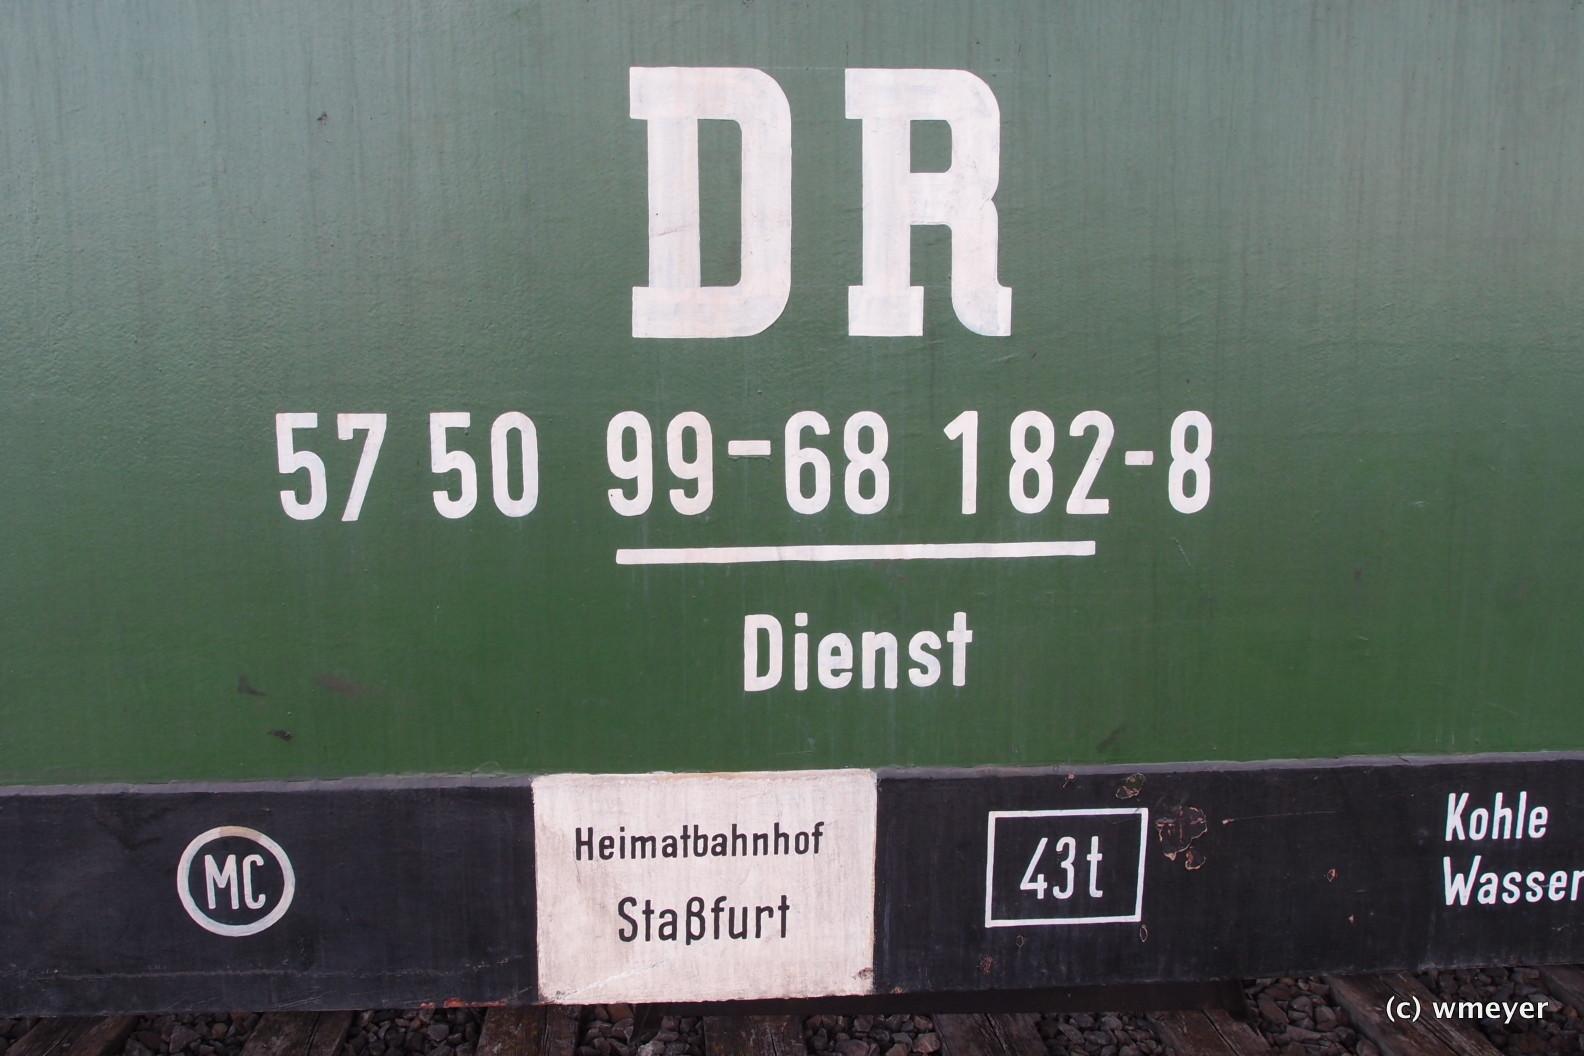 Anschriftfeld Dienstwagen